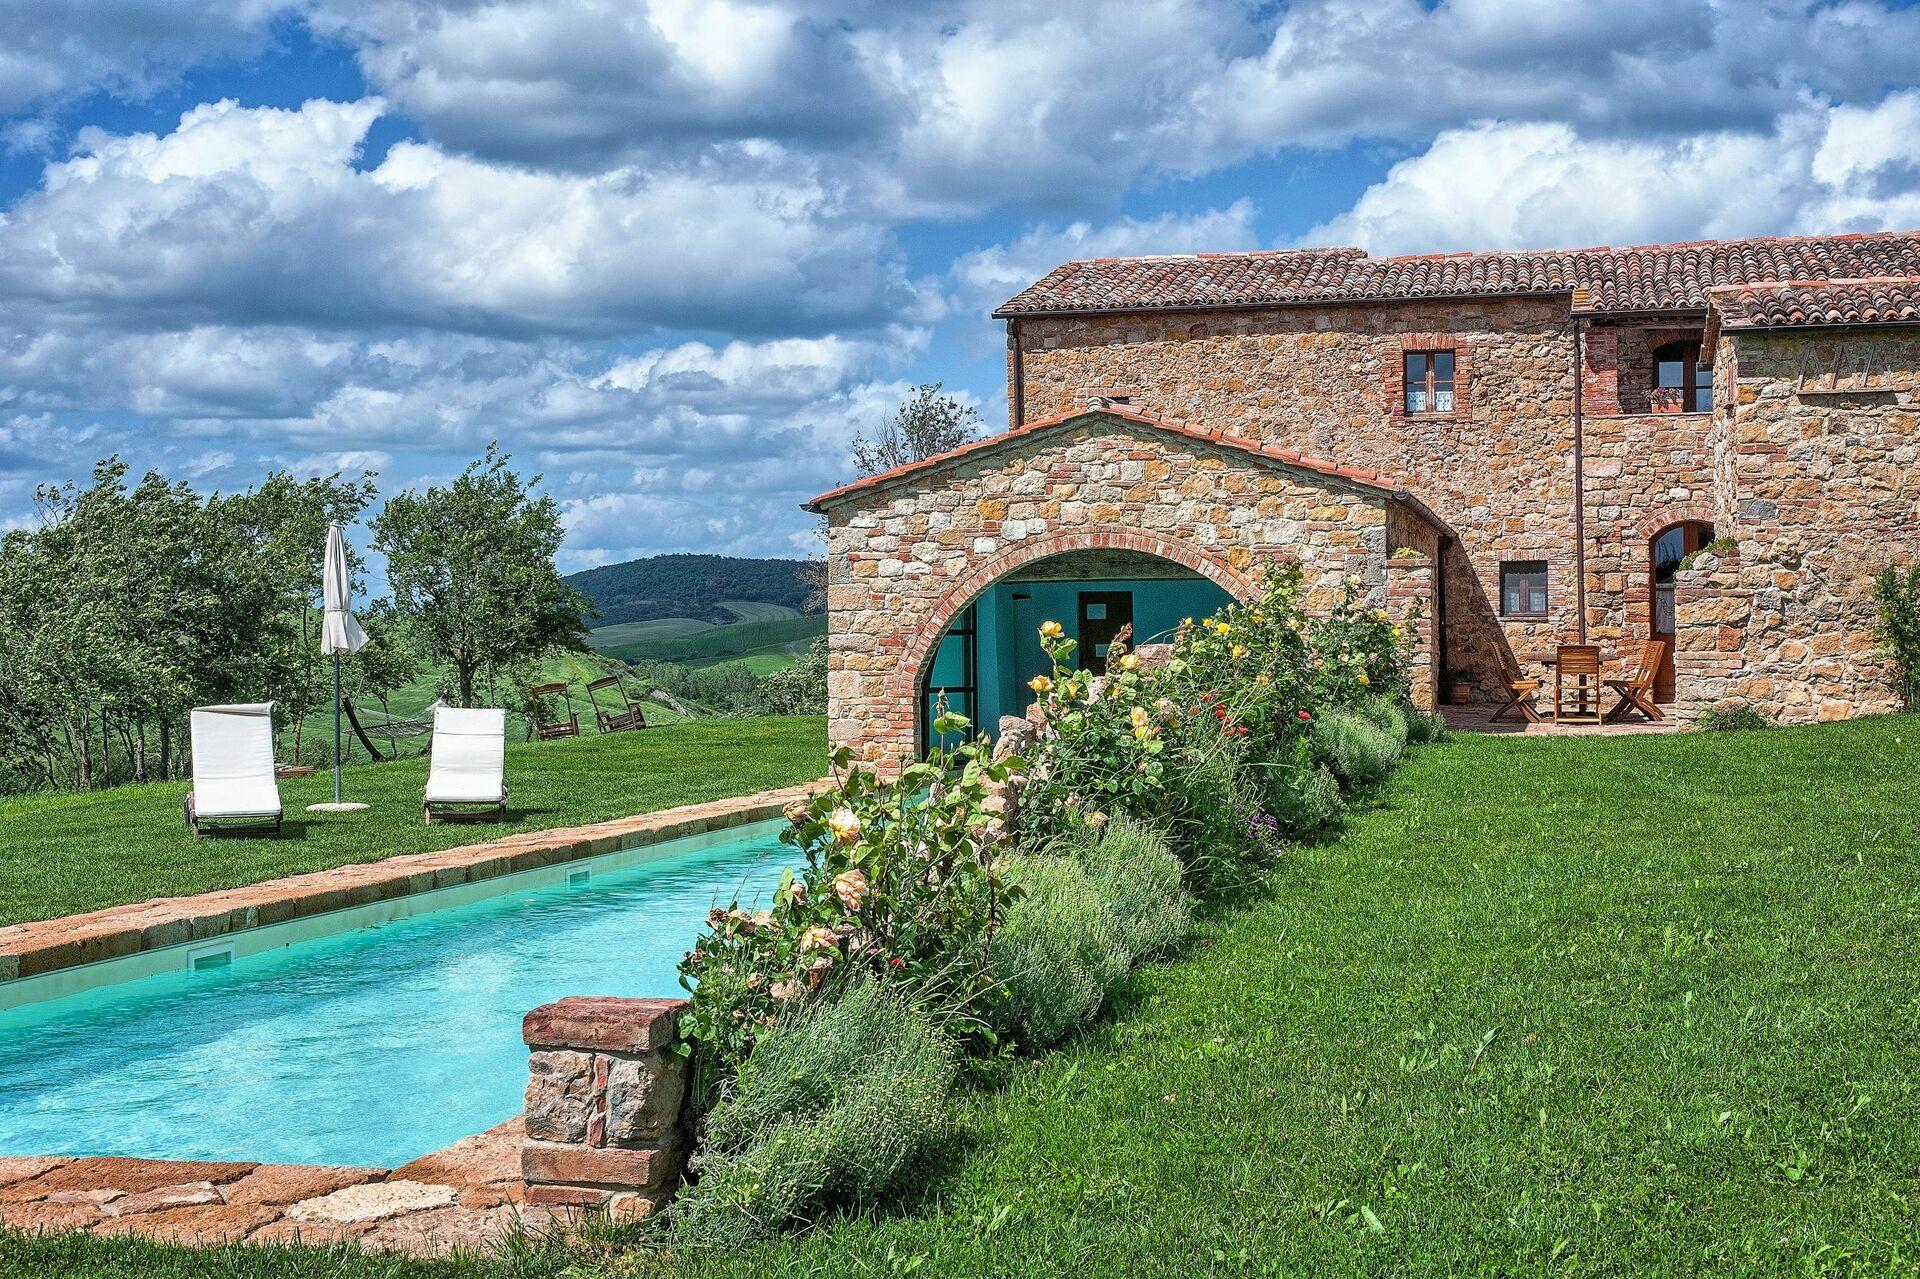 Villa in toscana per vacanze casale pienza - Casale in toscana ...